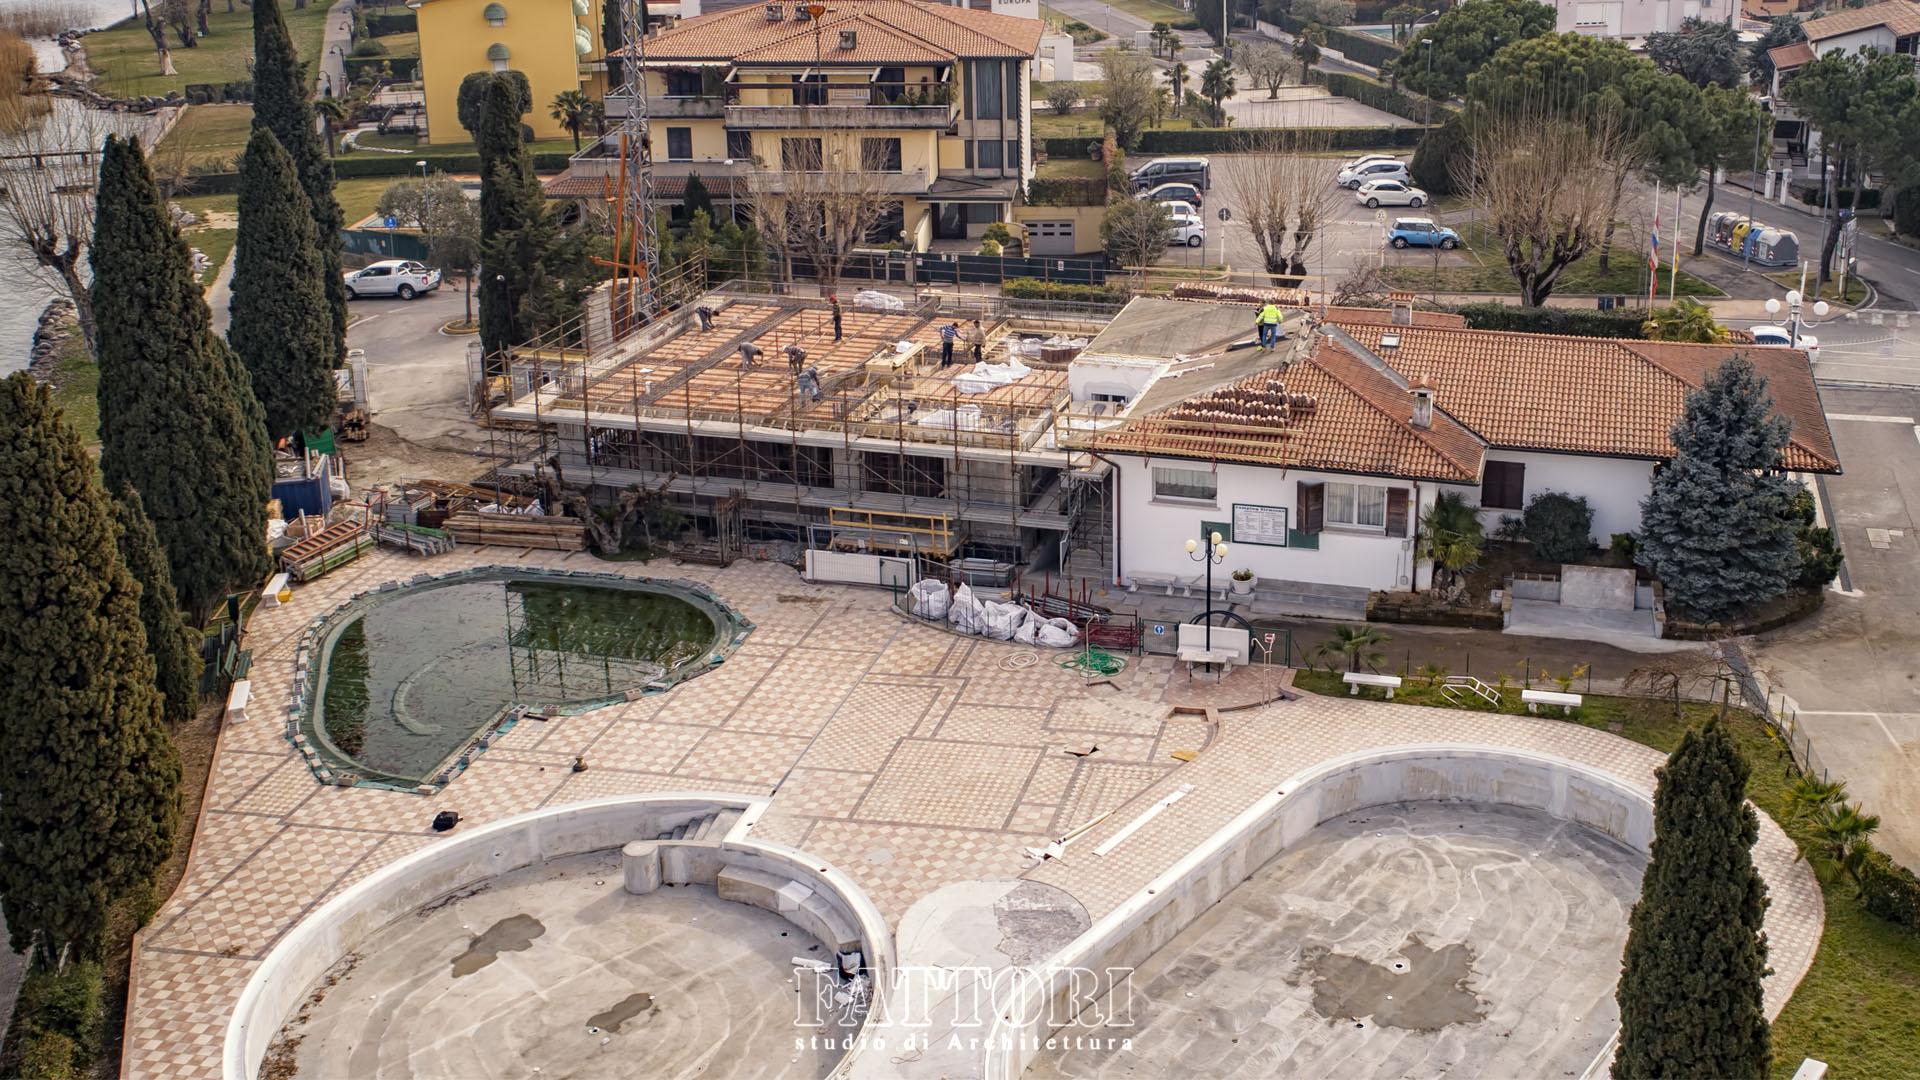 Studio di Architettura Fattori Fausto_progettazione e ristrutturazione villa residenziale_camping sirmione_2